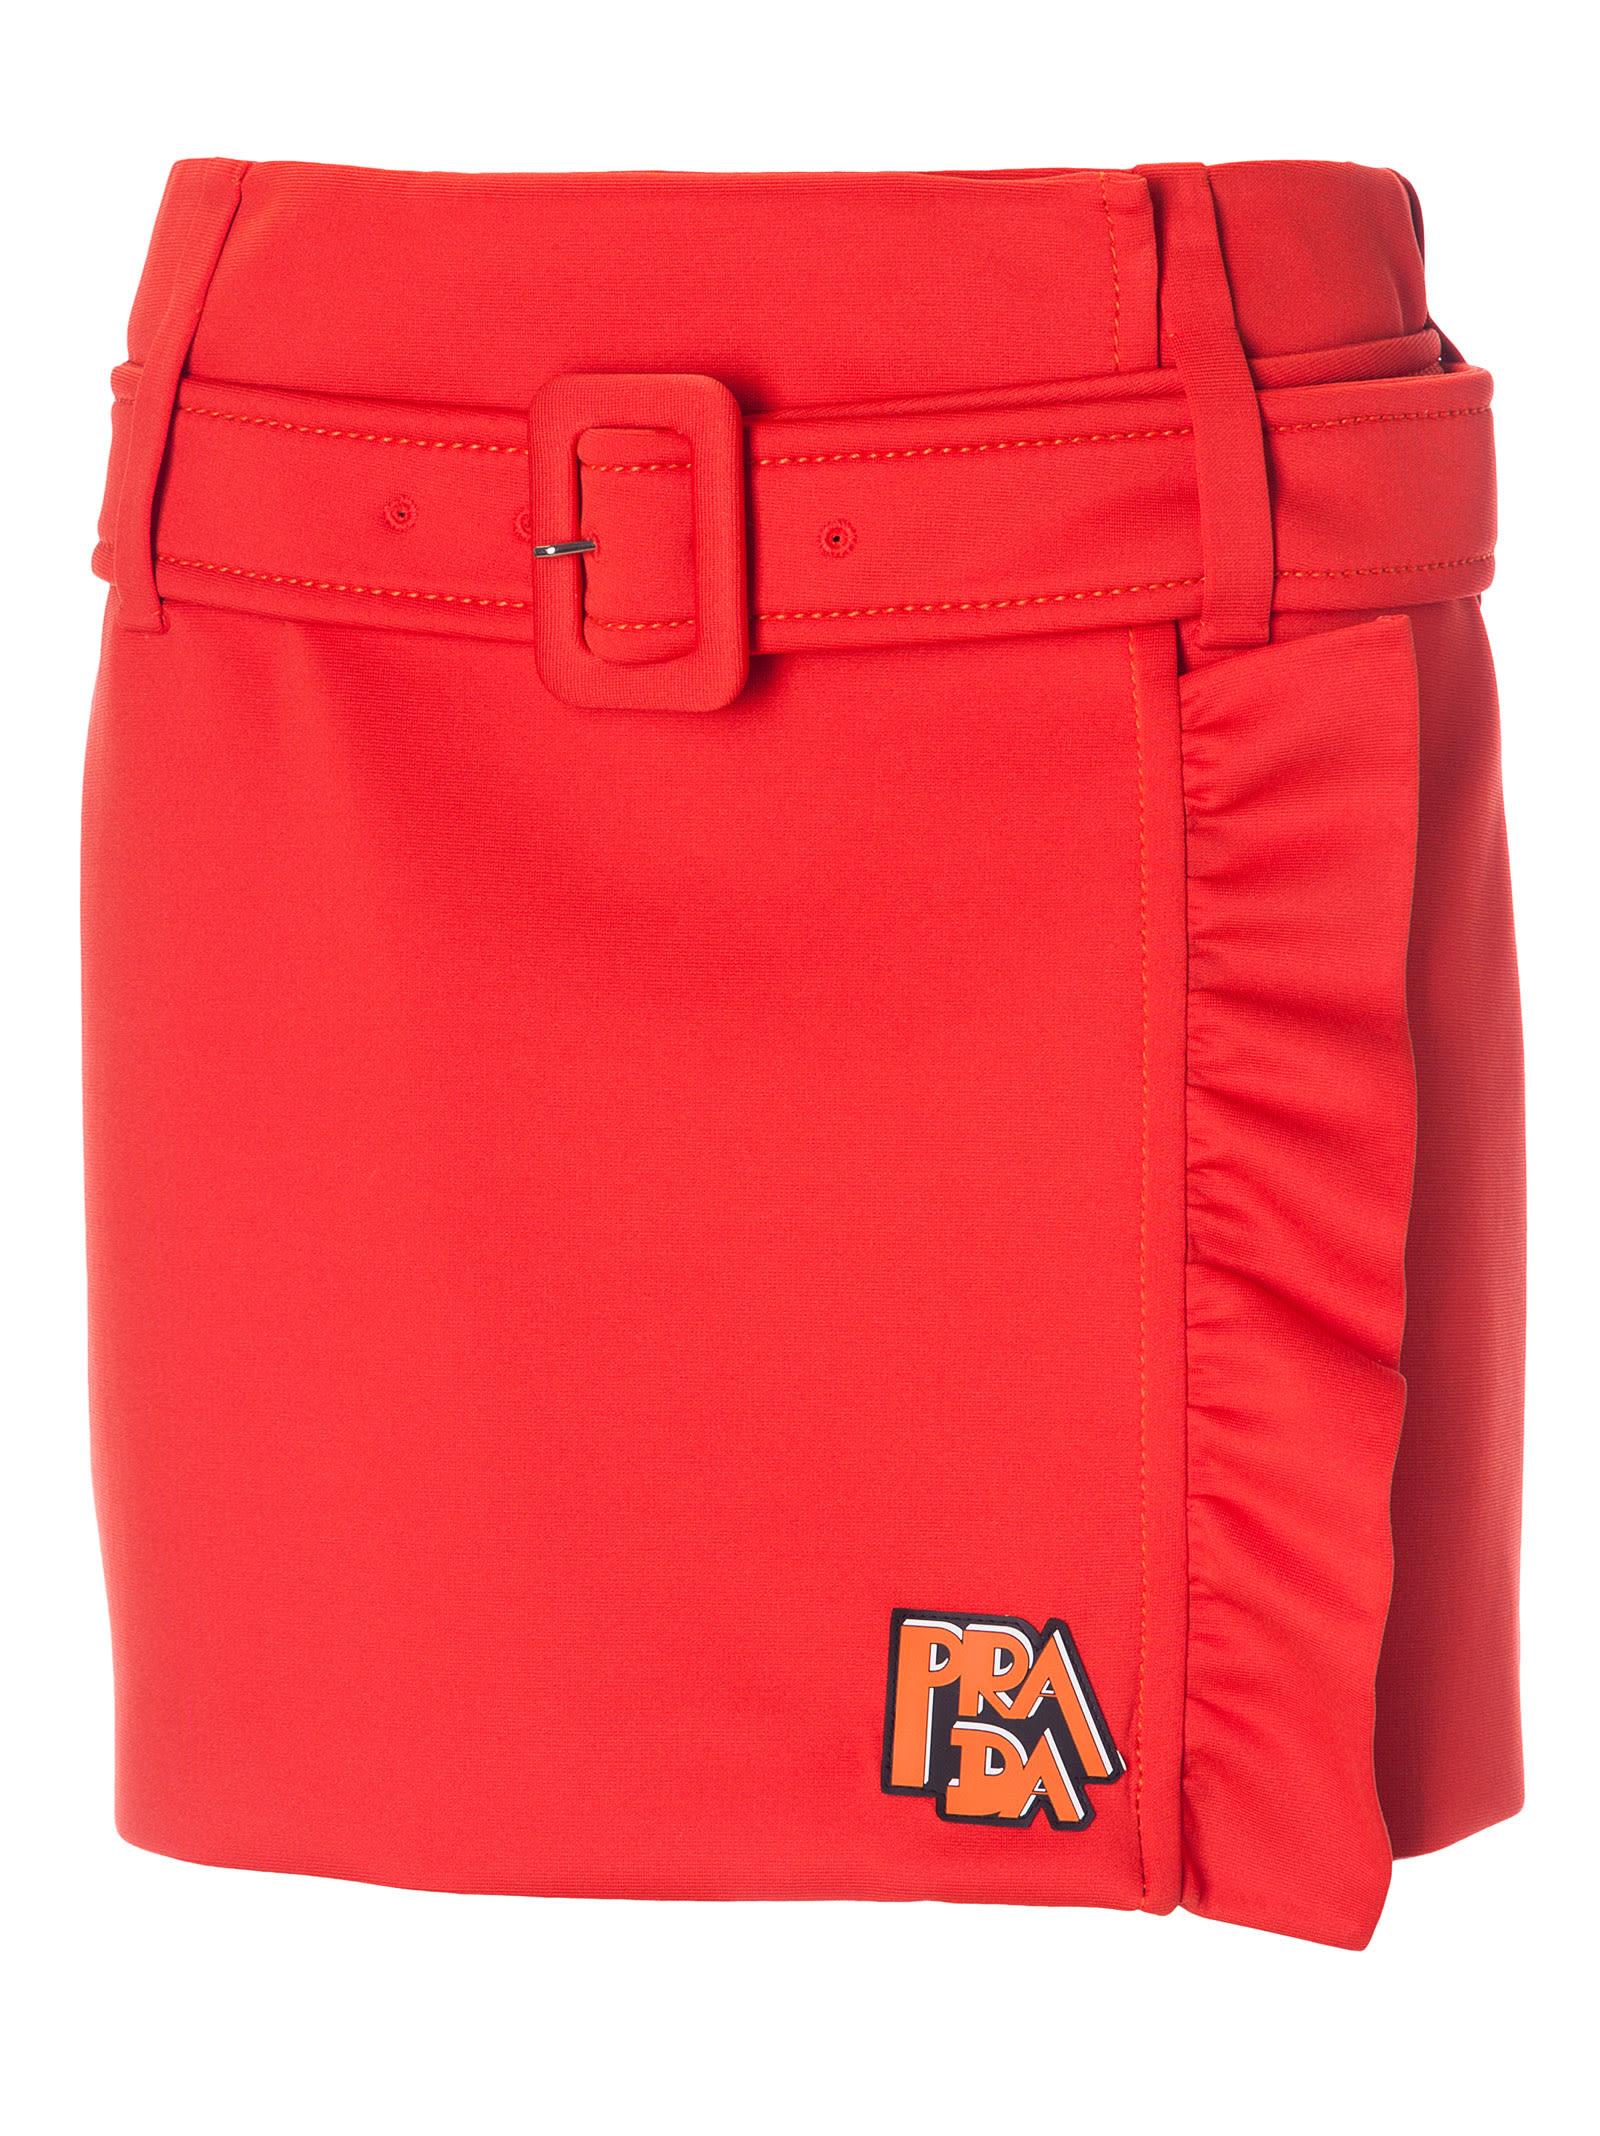 Prada Skirts Prada Logo Skirt